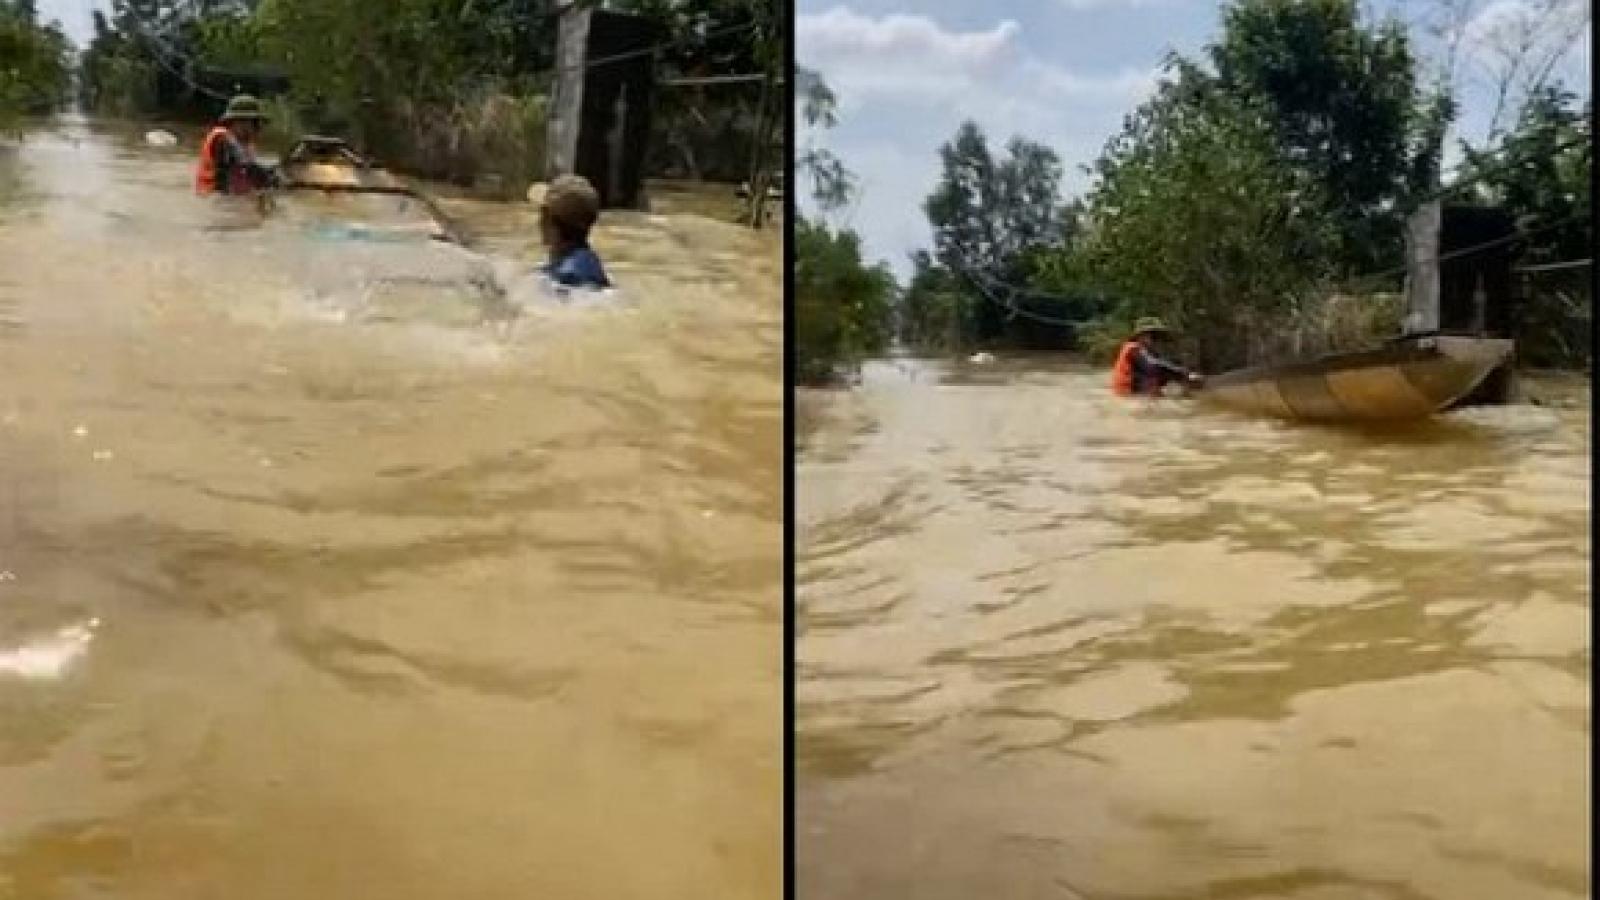 Chuyện showbiz: Kỳ Duyên và Minh Triệu bị lật thuyền khi đi cứu trợ người dân miền Trung